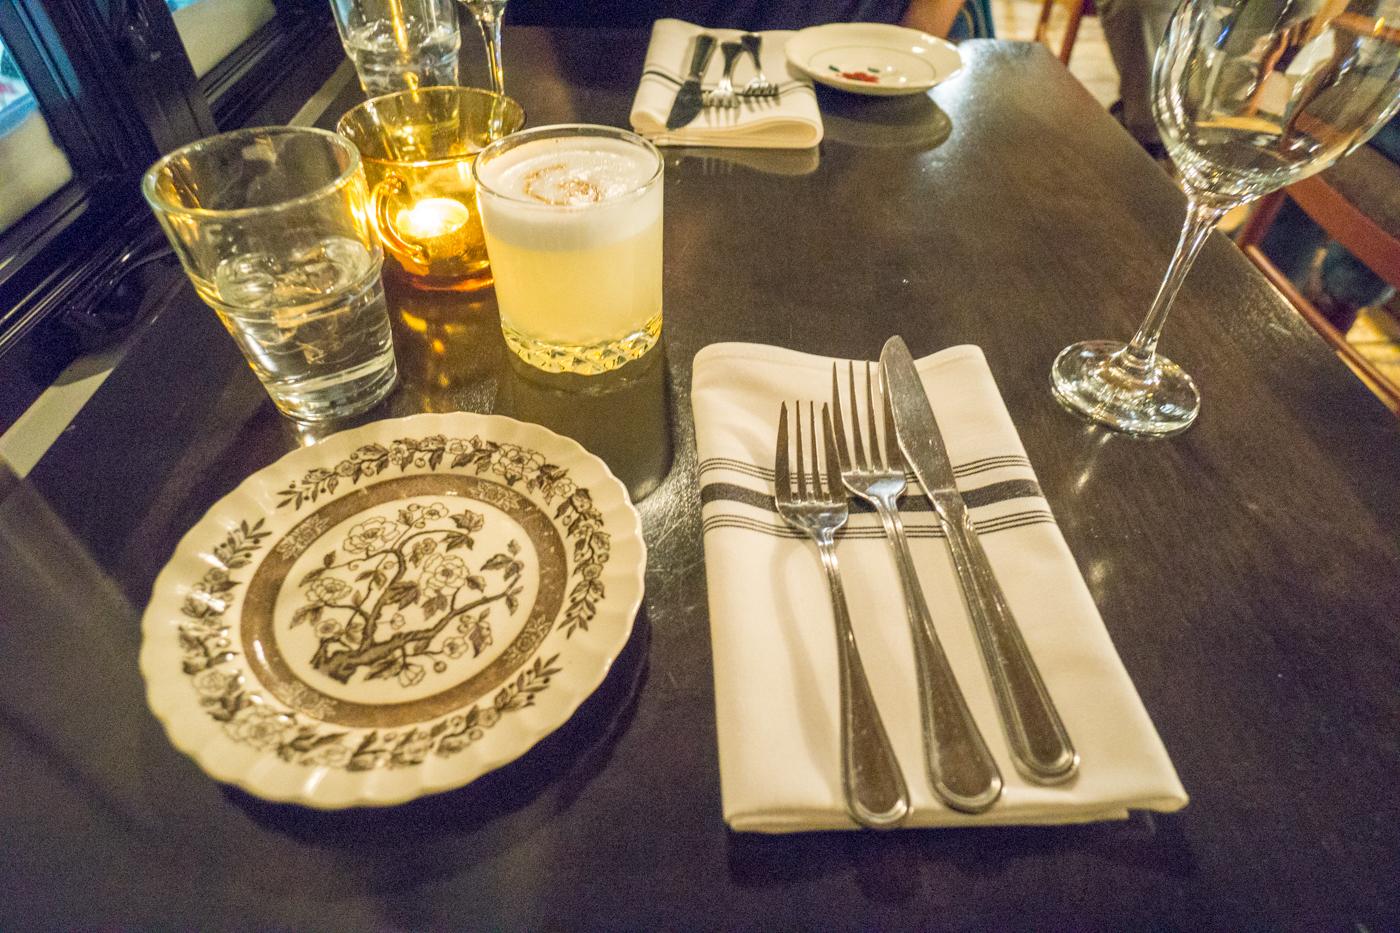 Table du restaurant Zélé - Quoi manger en Mauricie